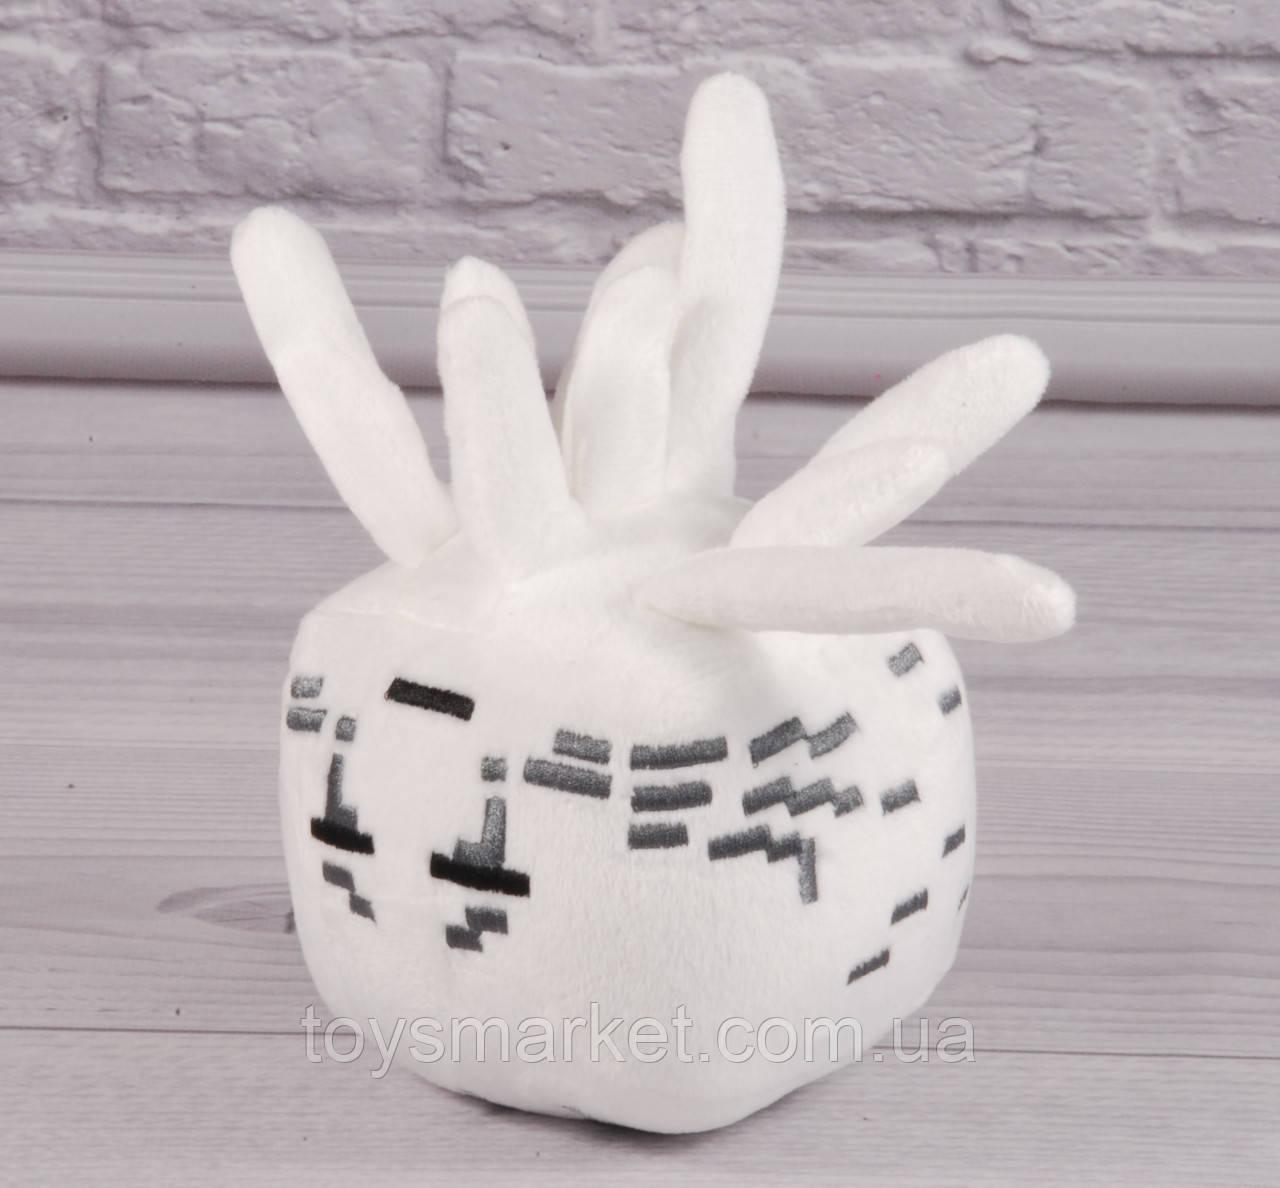 Мягкая игрушка медуза Гаст 20 см, Майнкрафт, Minecraft, плюшевая медуза